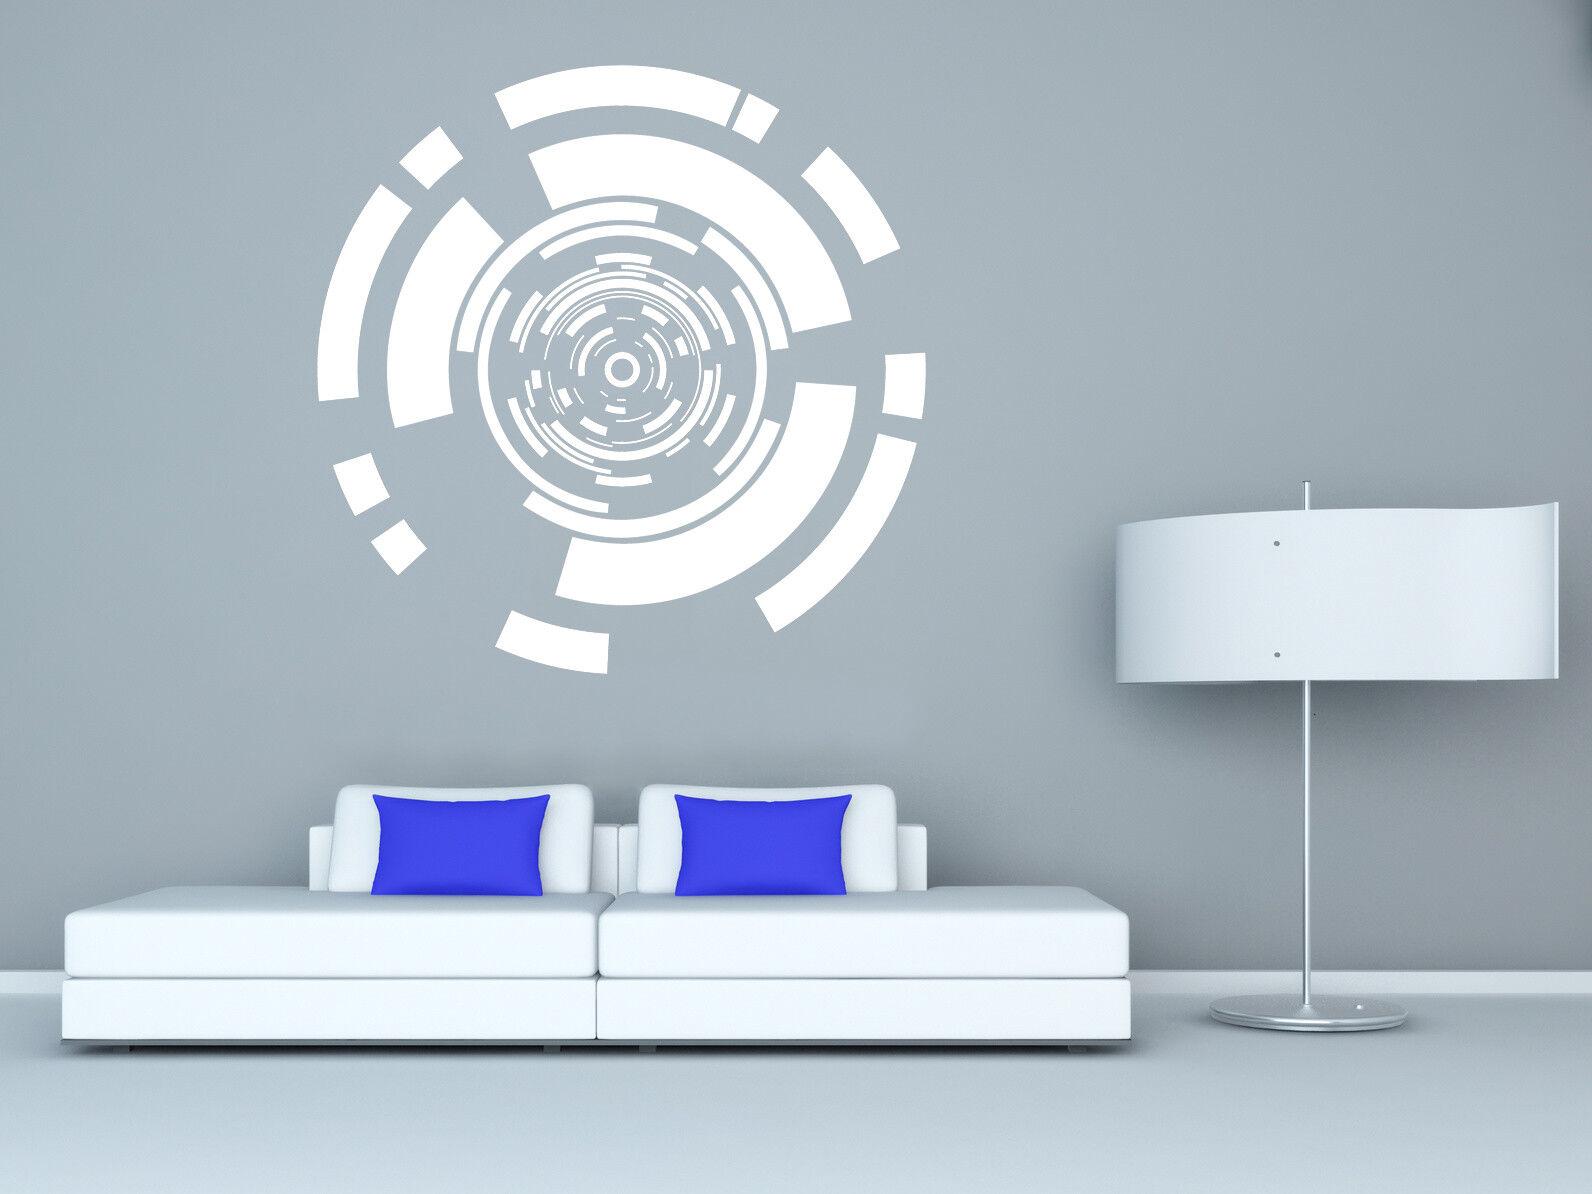 Kreis abstrakt Wandtattoo - Wandaufkleber - Hud